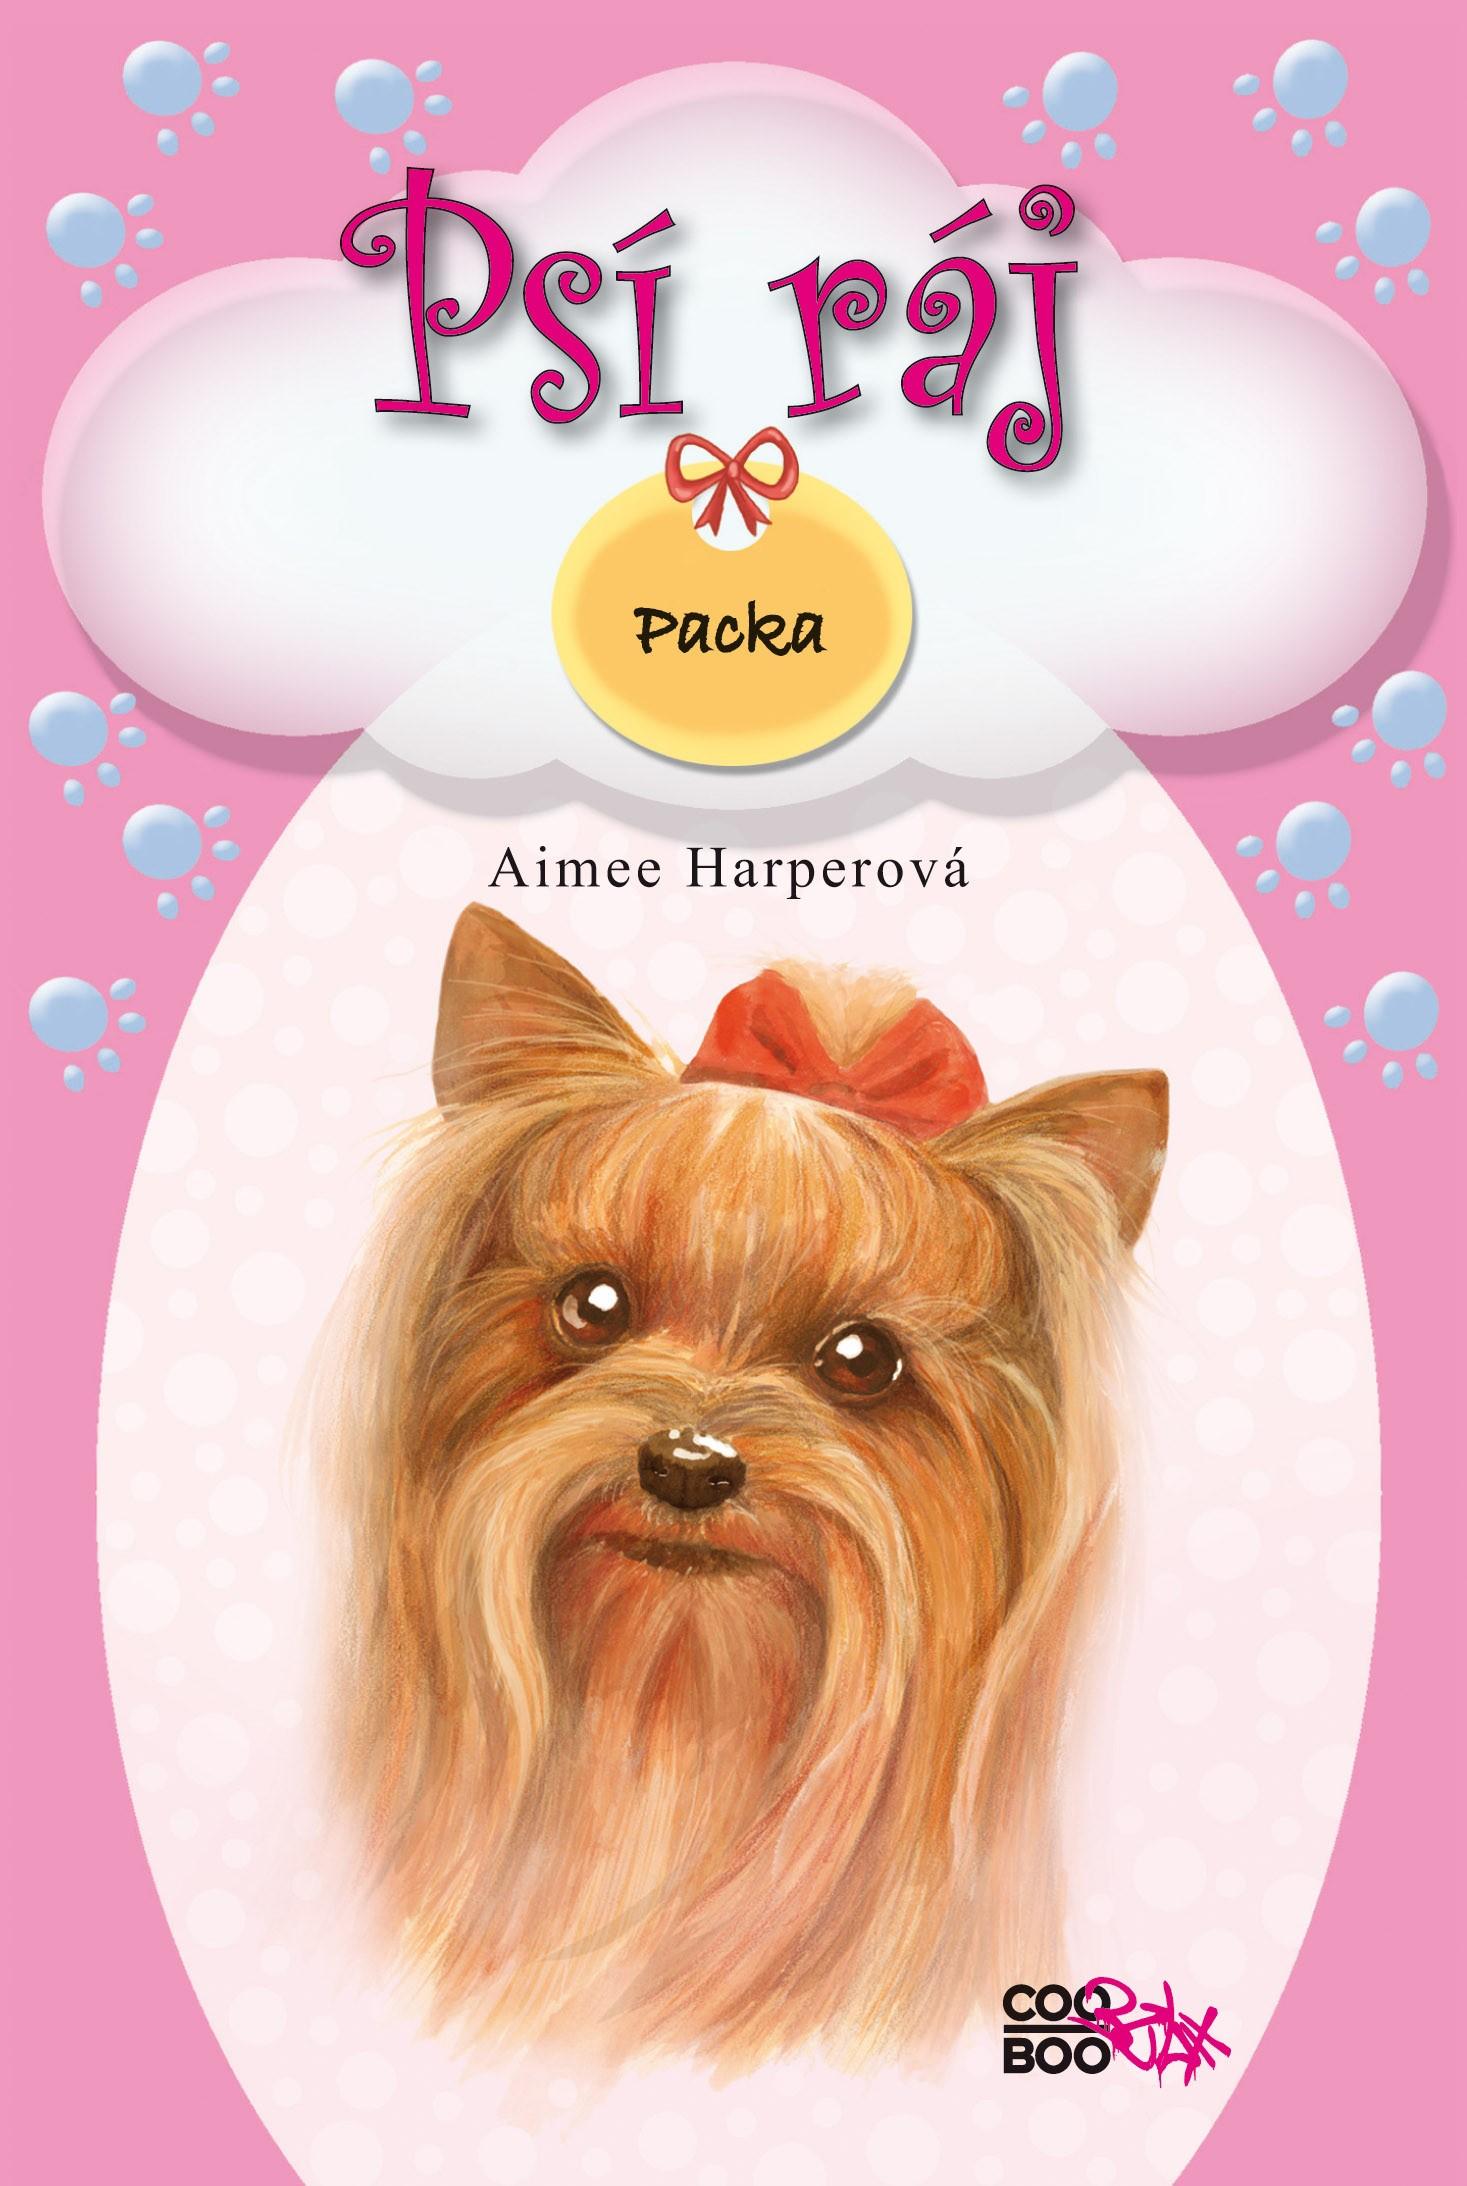 COOBOO Psí ráj 6 Packa - Aimee Harperová